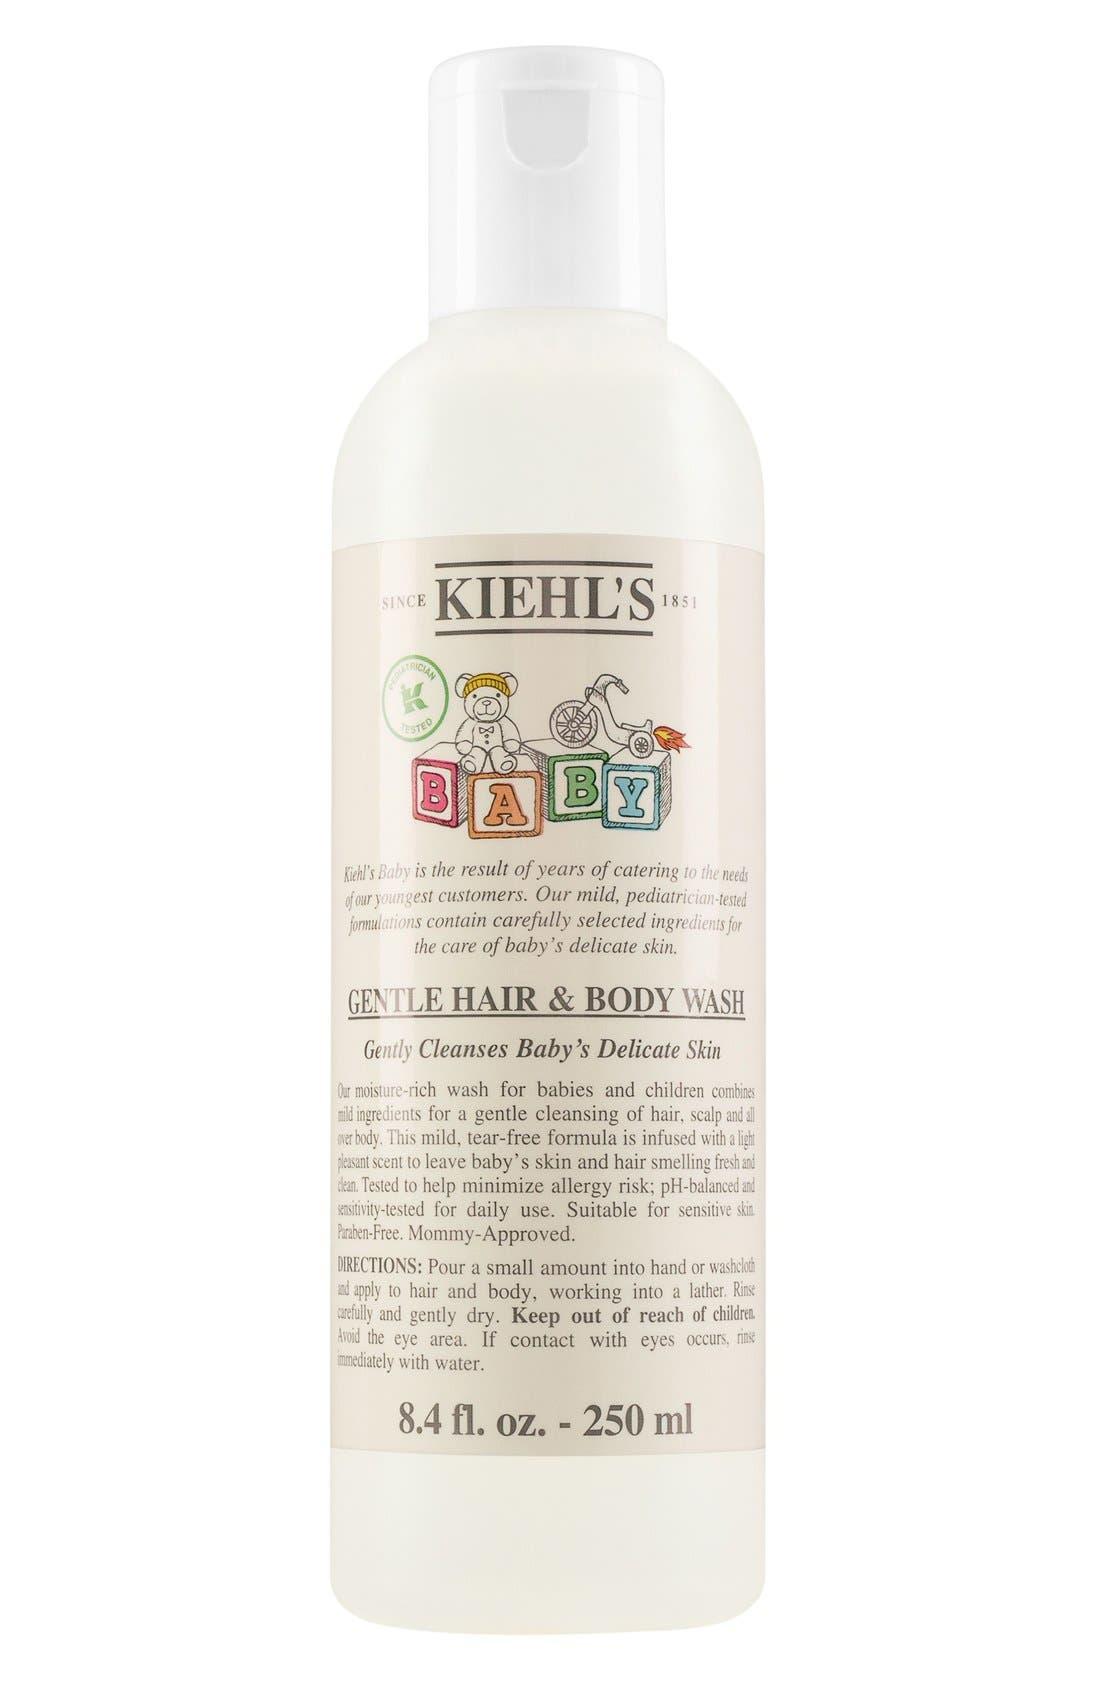 Kiehl's Since 1851 Baby Gentle Hair & Body Wash